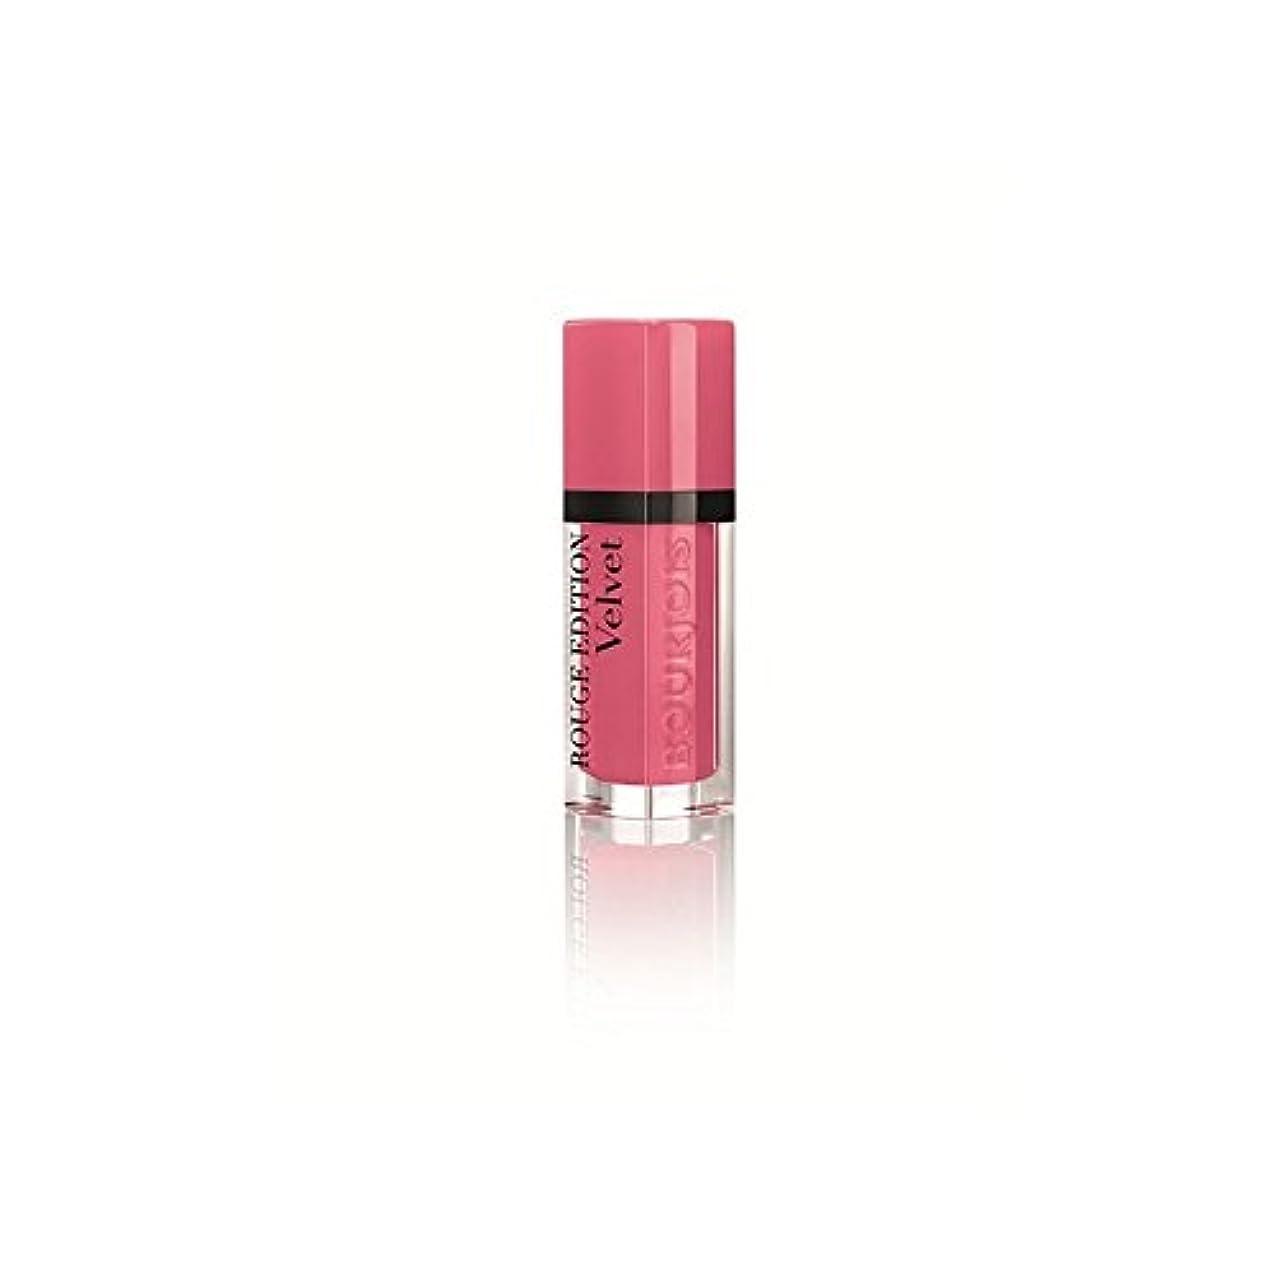 精緻化収まるアレルギー性Bourjois Rouge Edition Velvet Lipstick So Hap'pink 11 (Pack of 6) - 11そう'ブルジョワルージュ版のベルベットの口紅 x6 [並行輸入品]